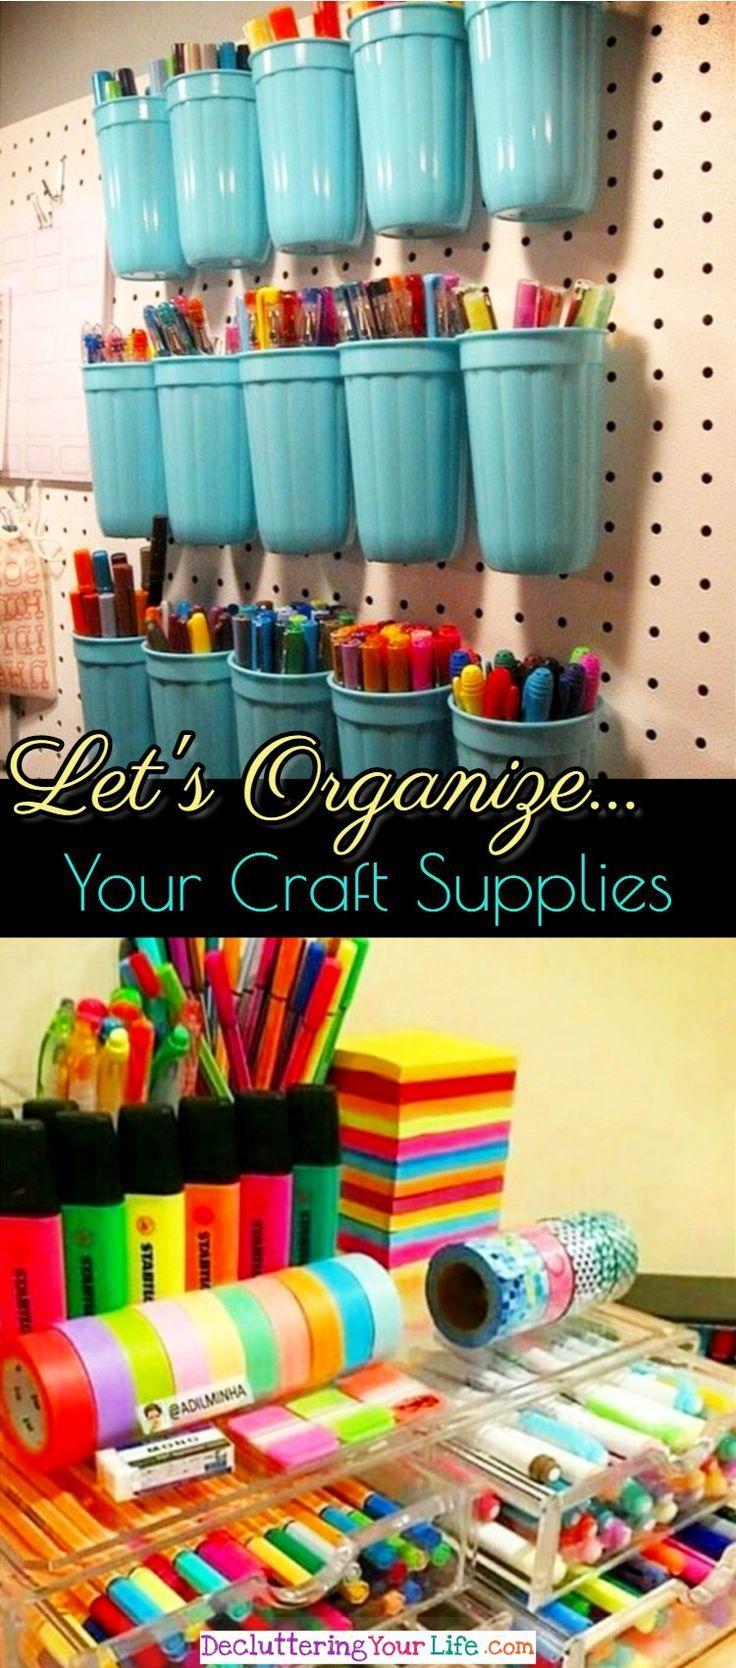 39+ Craft room organization ideas diy information